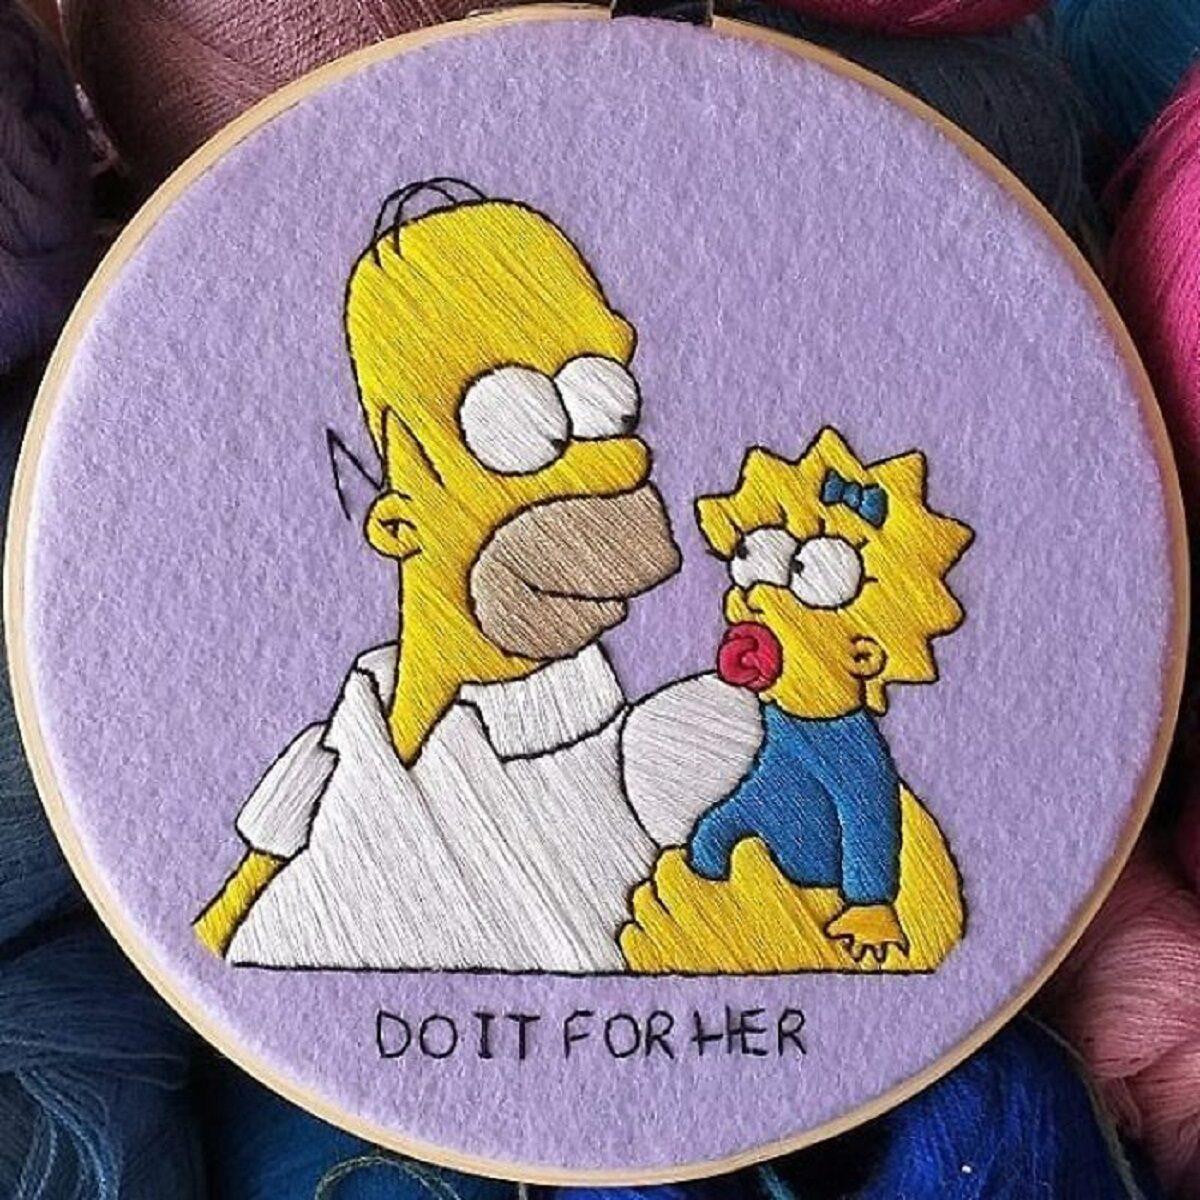 Artista Gabriela Martinez cria bordados de cenas de Os Simpsons 22